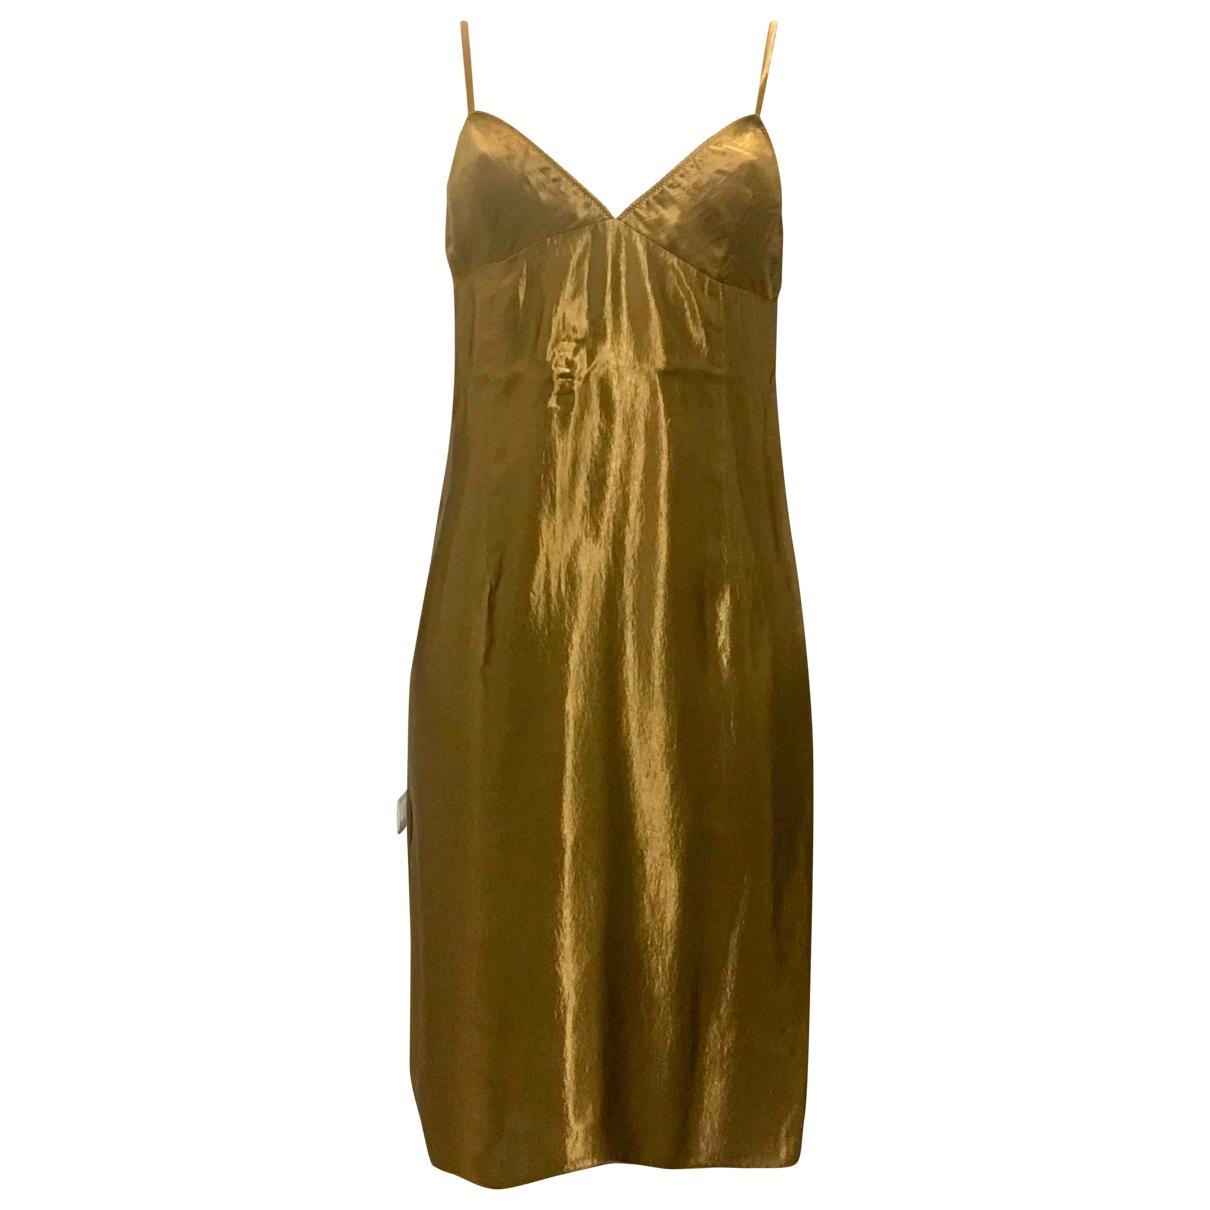 Miu Miu \N Kleid in  Gold Synthetik